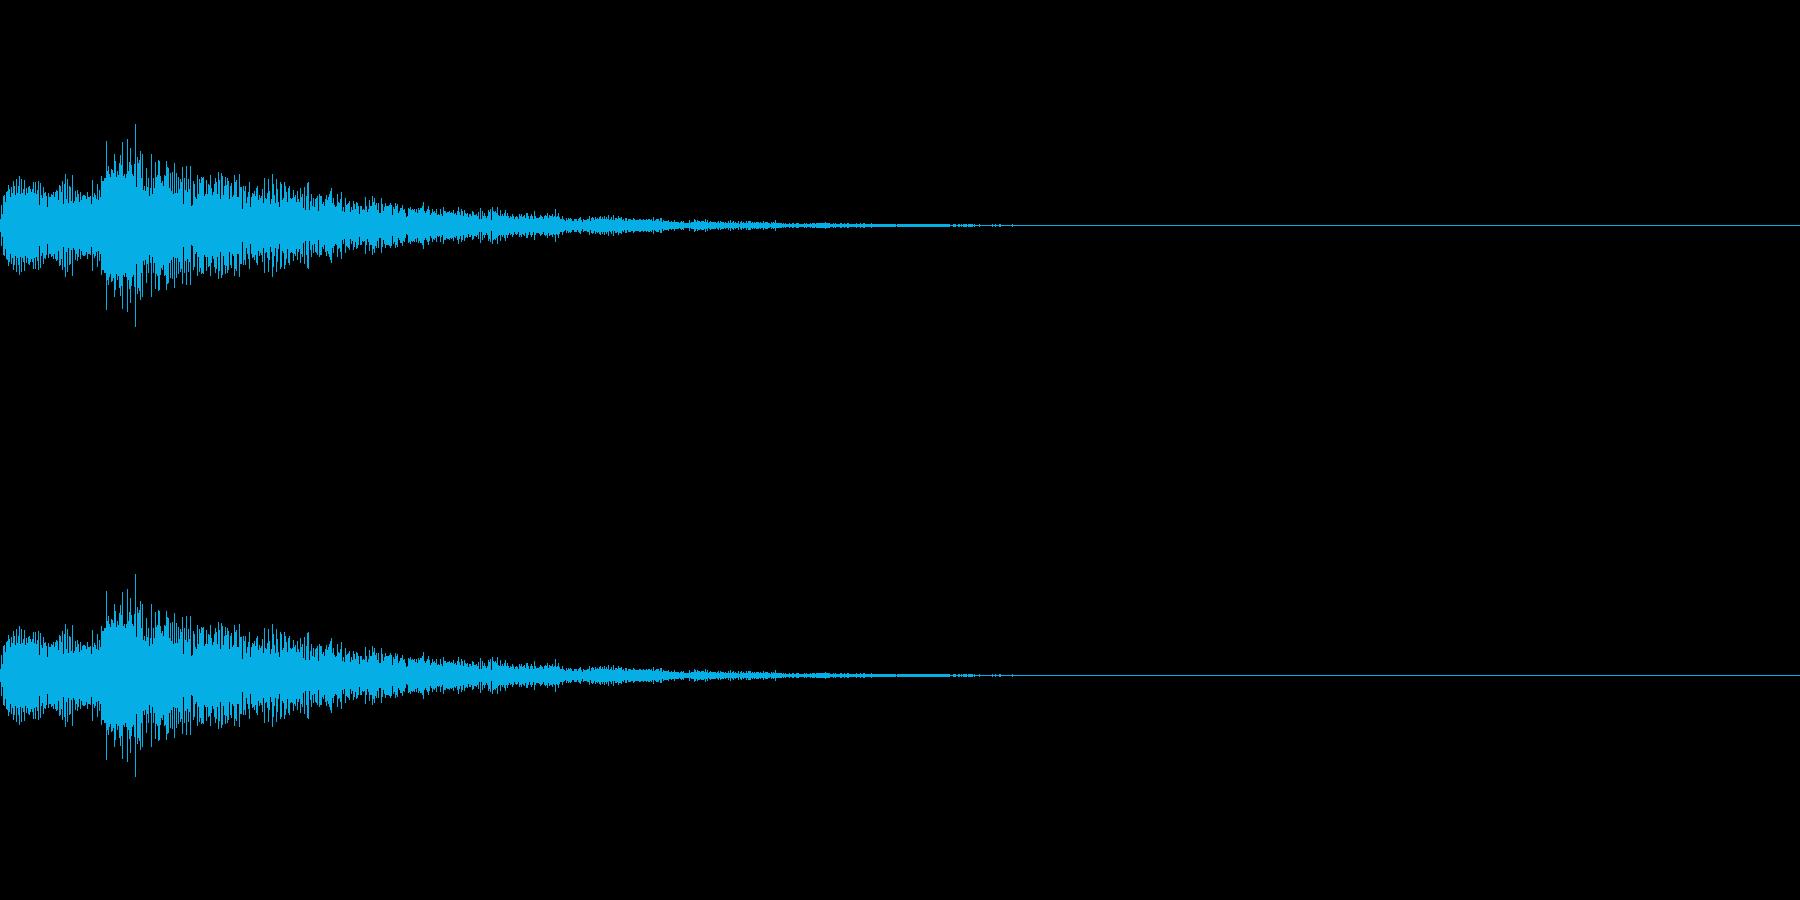 綺麗で透明感あるアタック音の再生済みの波形